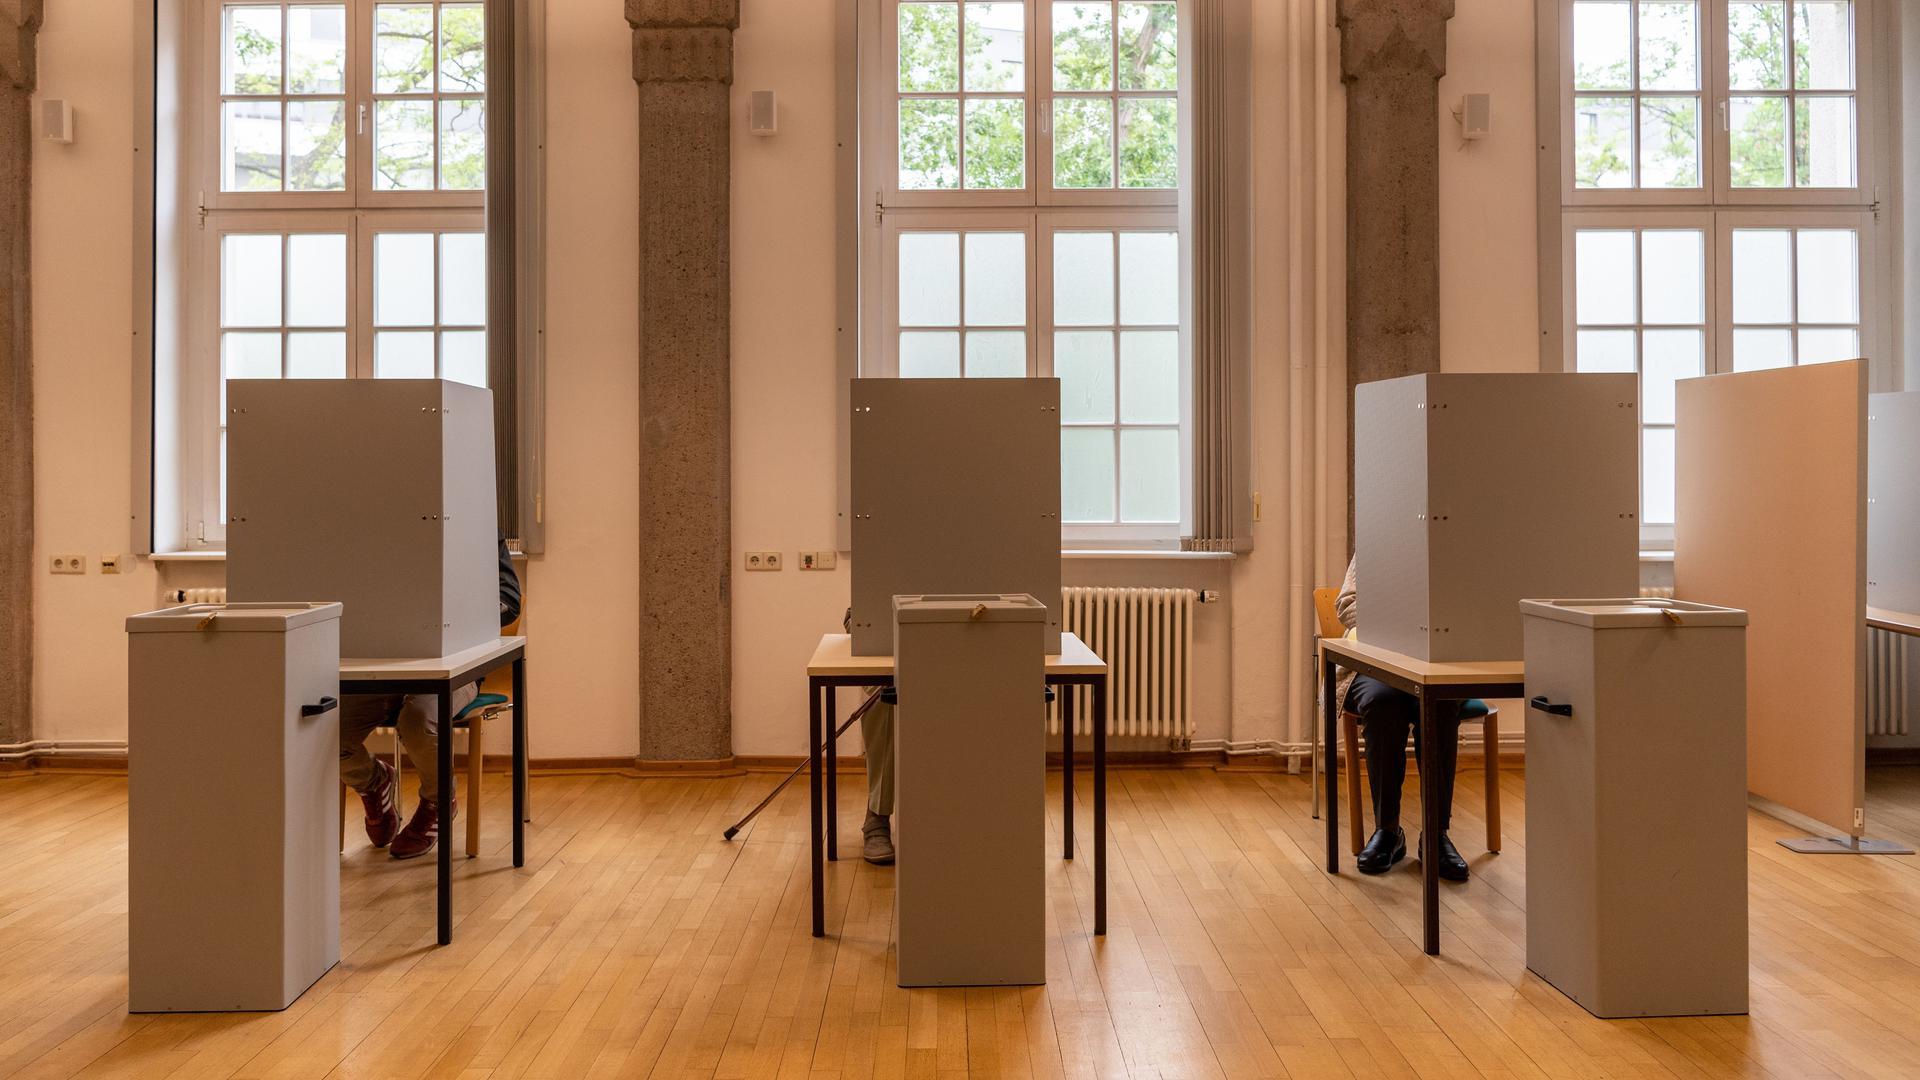 Bürger sitzen im Wahllokal für die Briefwahl in Wahlkabinen.